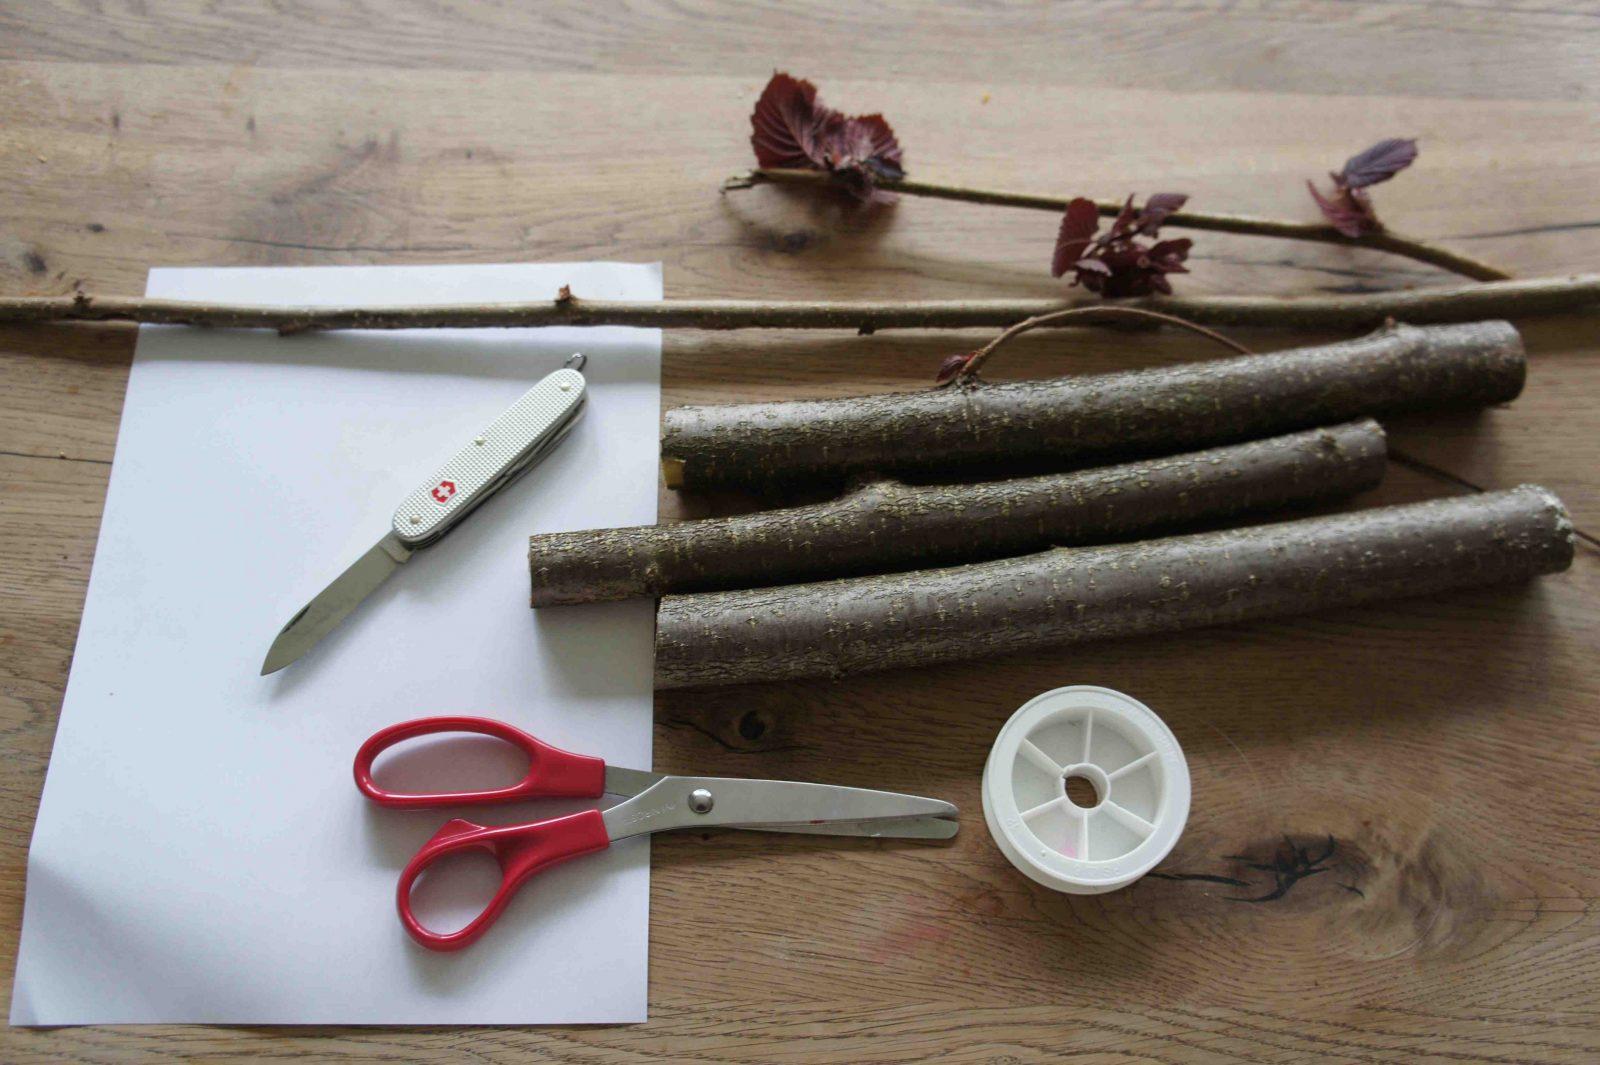 Basteln Mit Holz Wunderbar Holz Stiftehalter Selber Bauen  Ideen Zu von Stiftehalter Holz Selber Bauen Bild